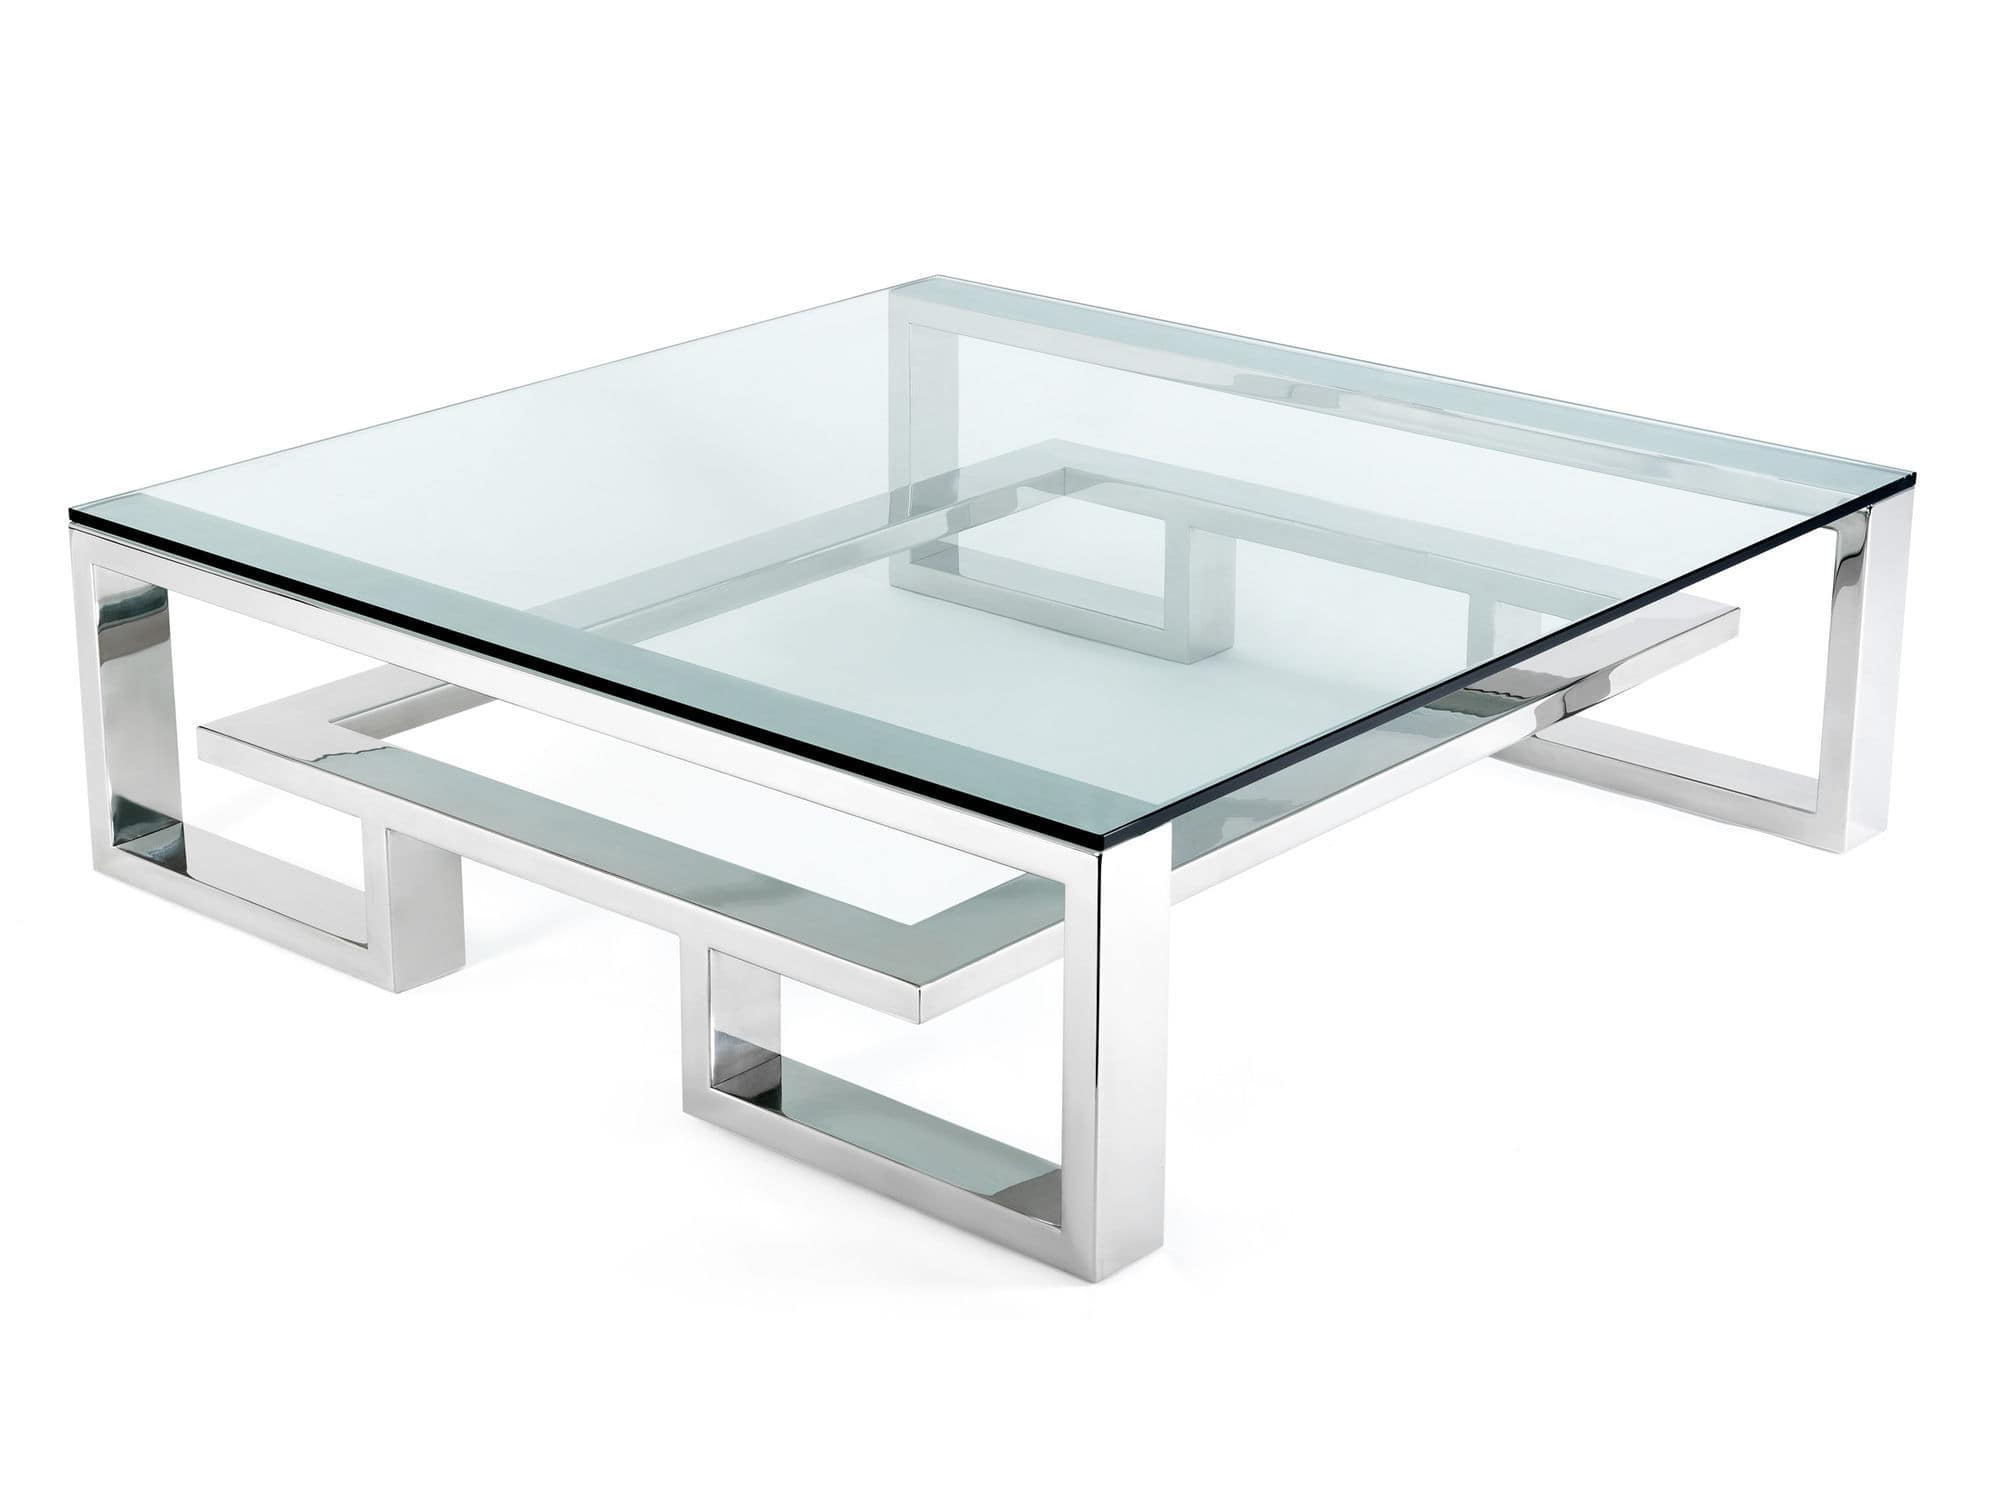 Table Basse Contemporaine En Verre En Acier Inoxydable Carree